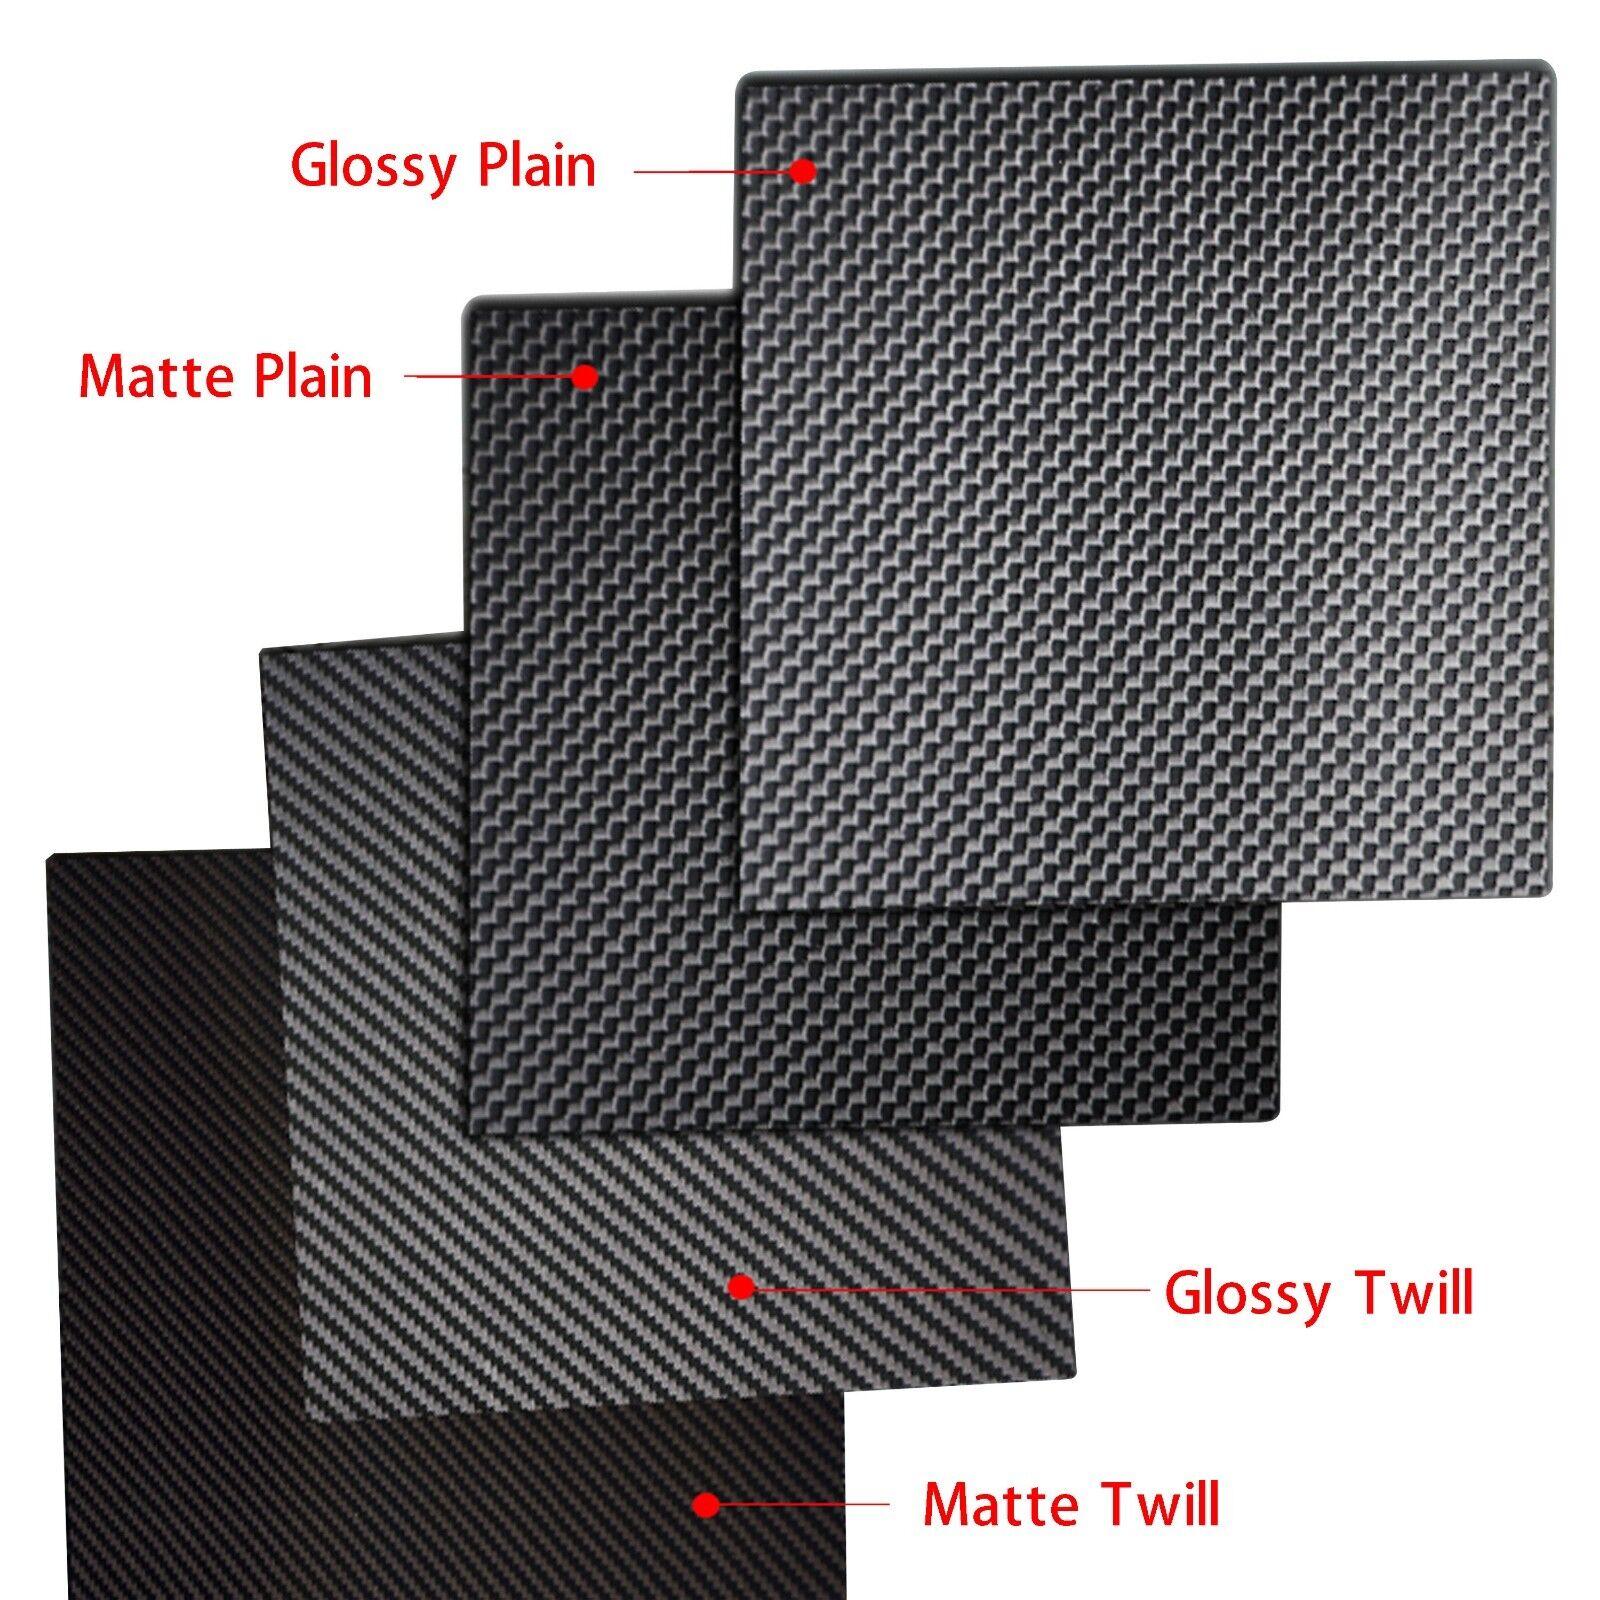 3K piastra in fibra di carbonio PANNELLO FOGLIO 2 tipi Weave Opaco e Lucido-Seleziona Taglia